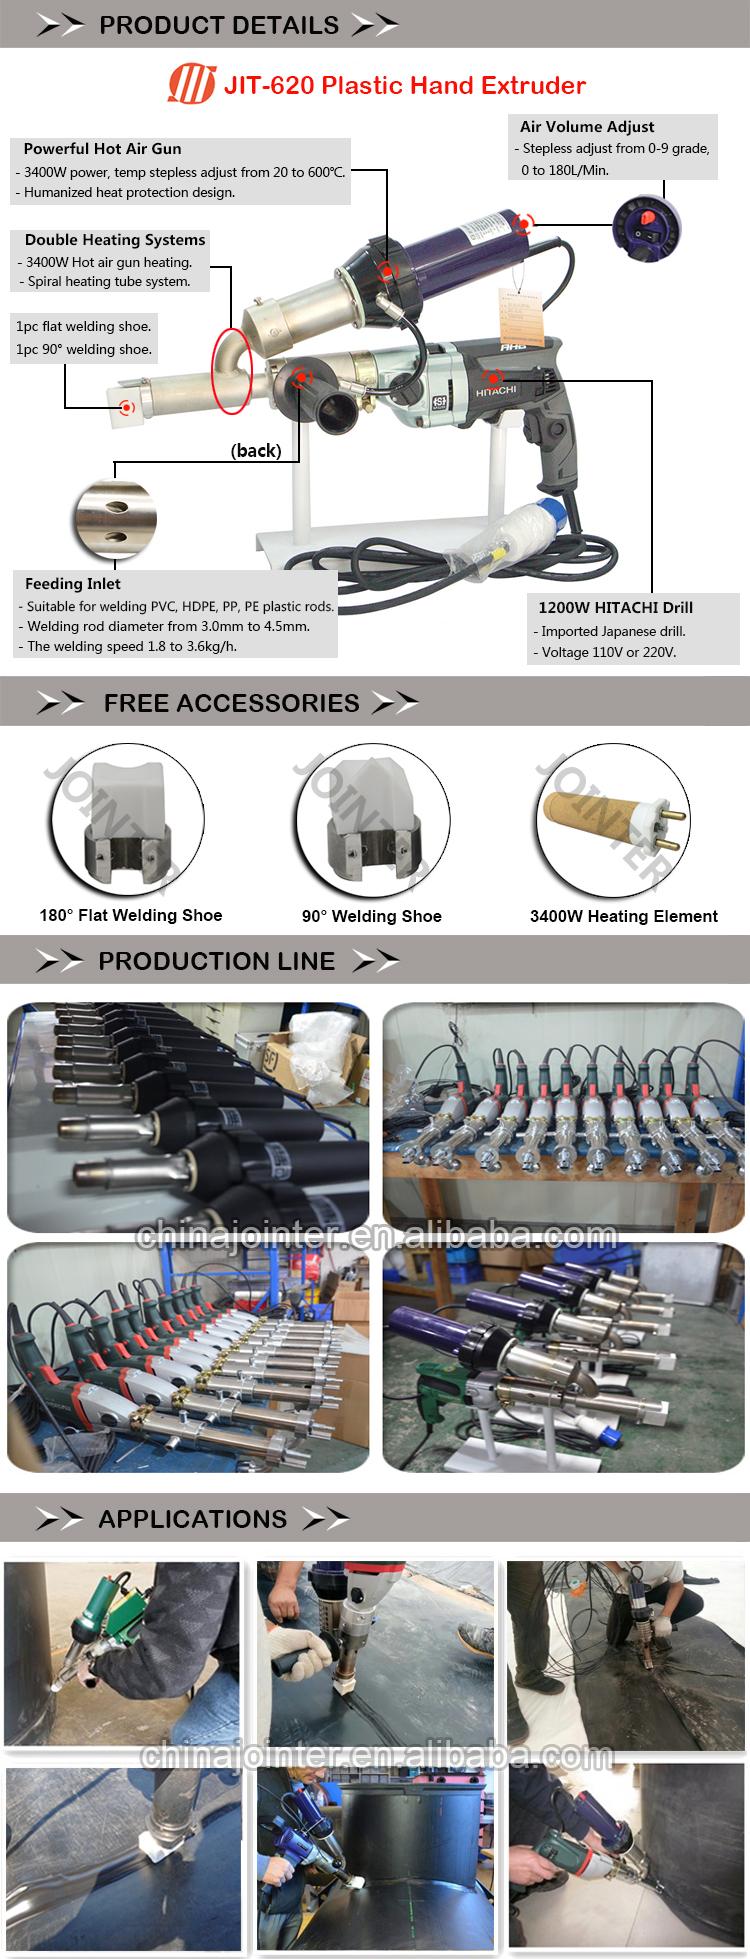 Столяр высокой мощности HDPE пластик сварки ручной экструдер, экструзии сварочный пистолет сварщик для продажи